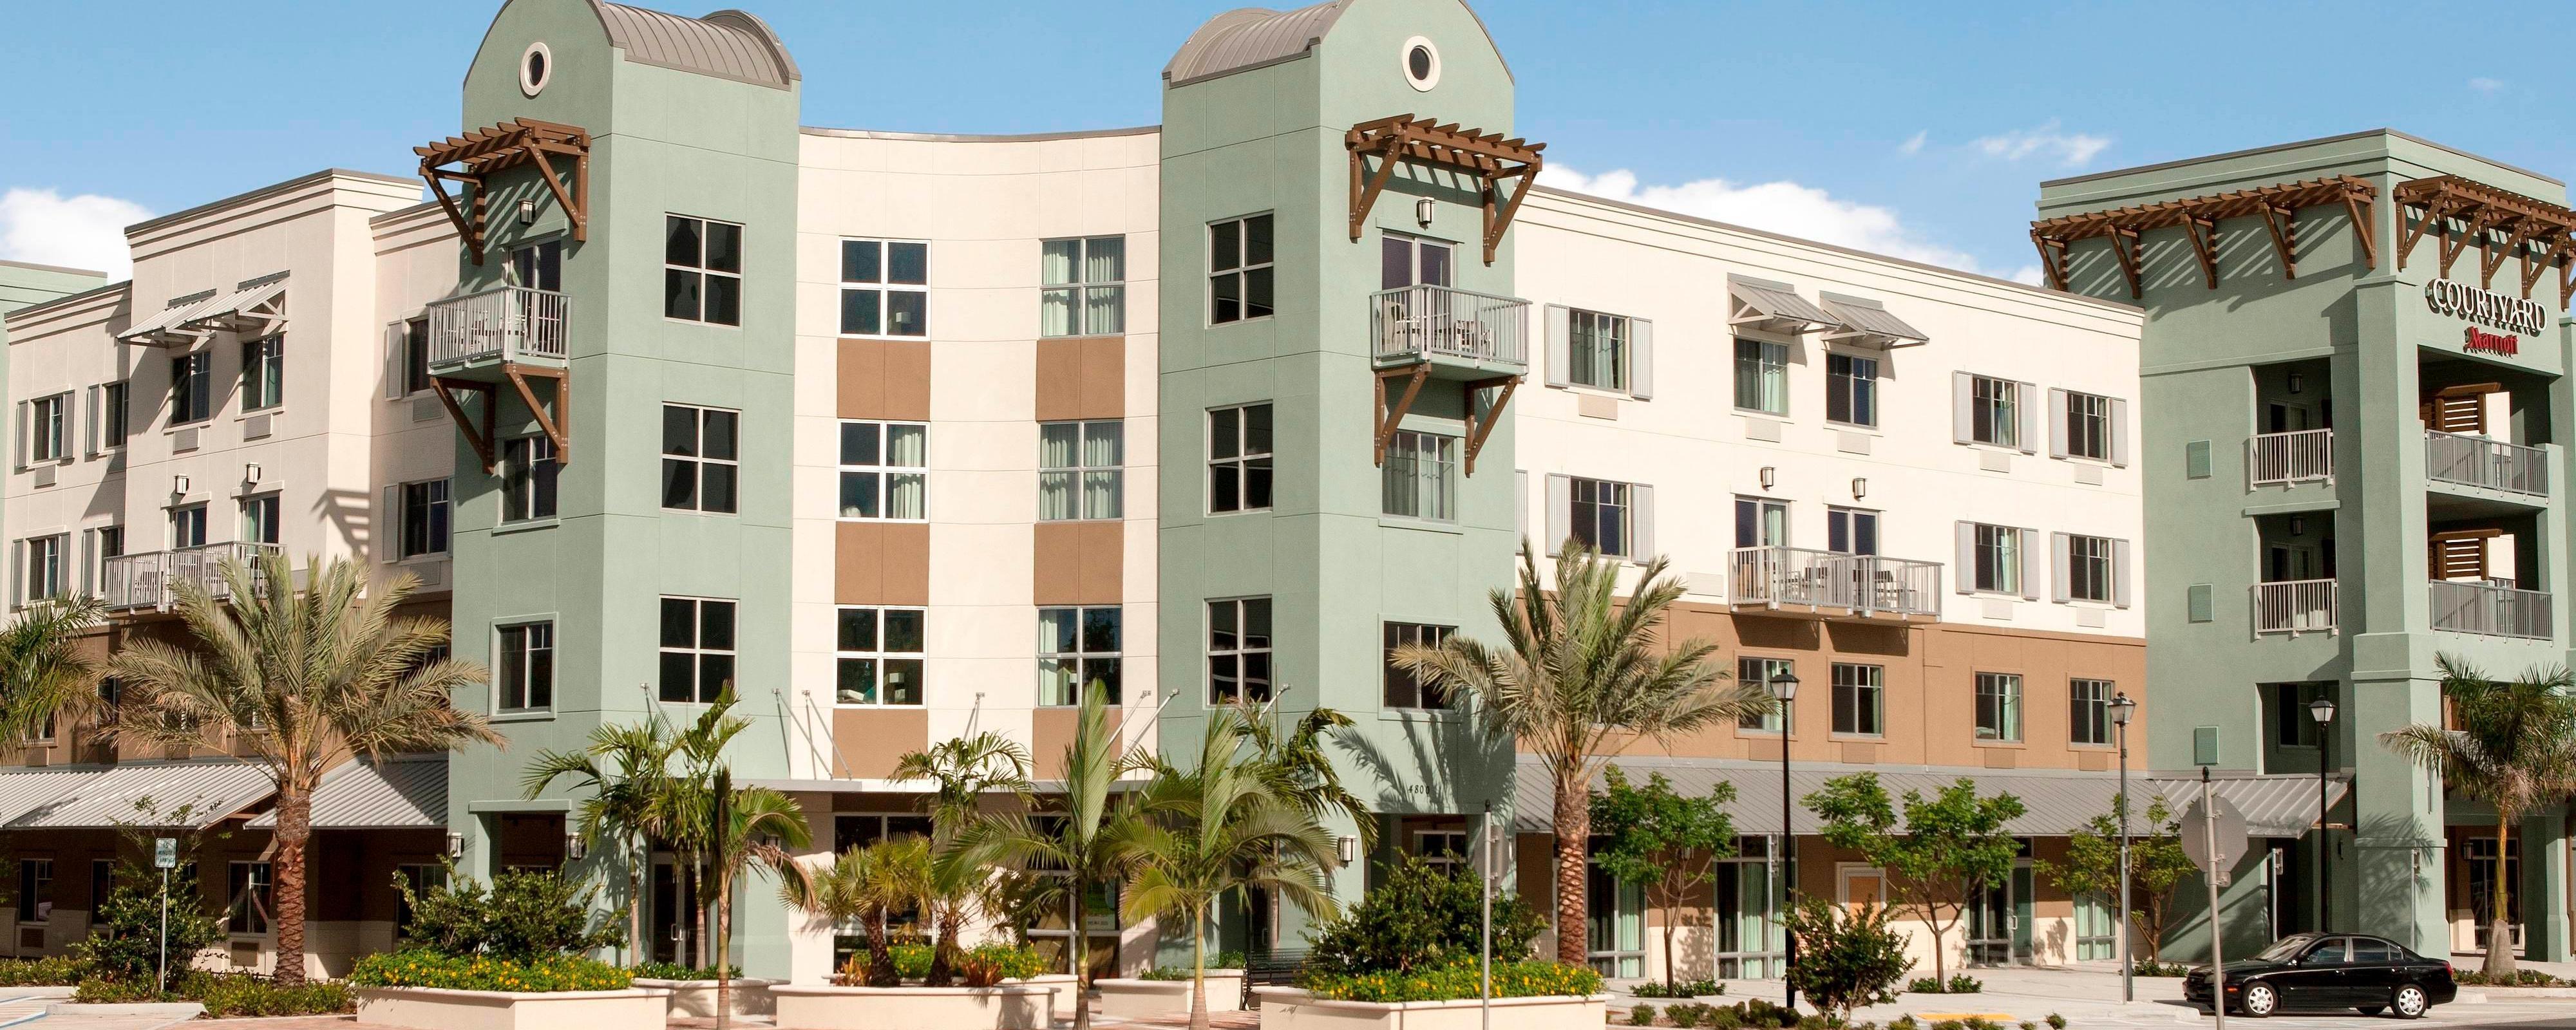 Hotels in Jupiter, FL   Courtyard Palm Beach Jupiter